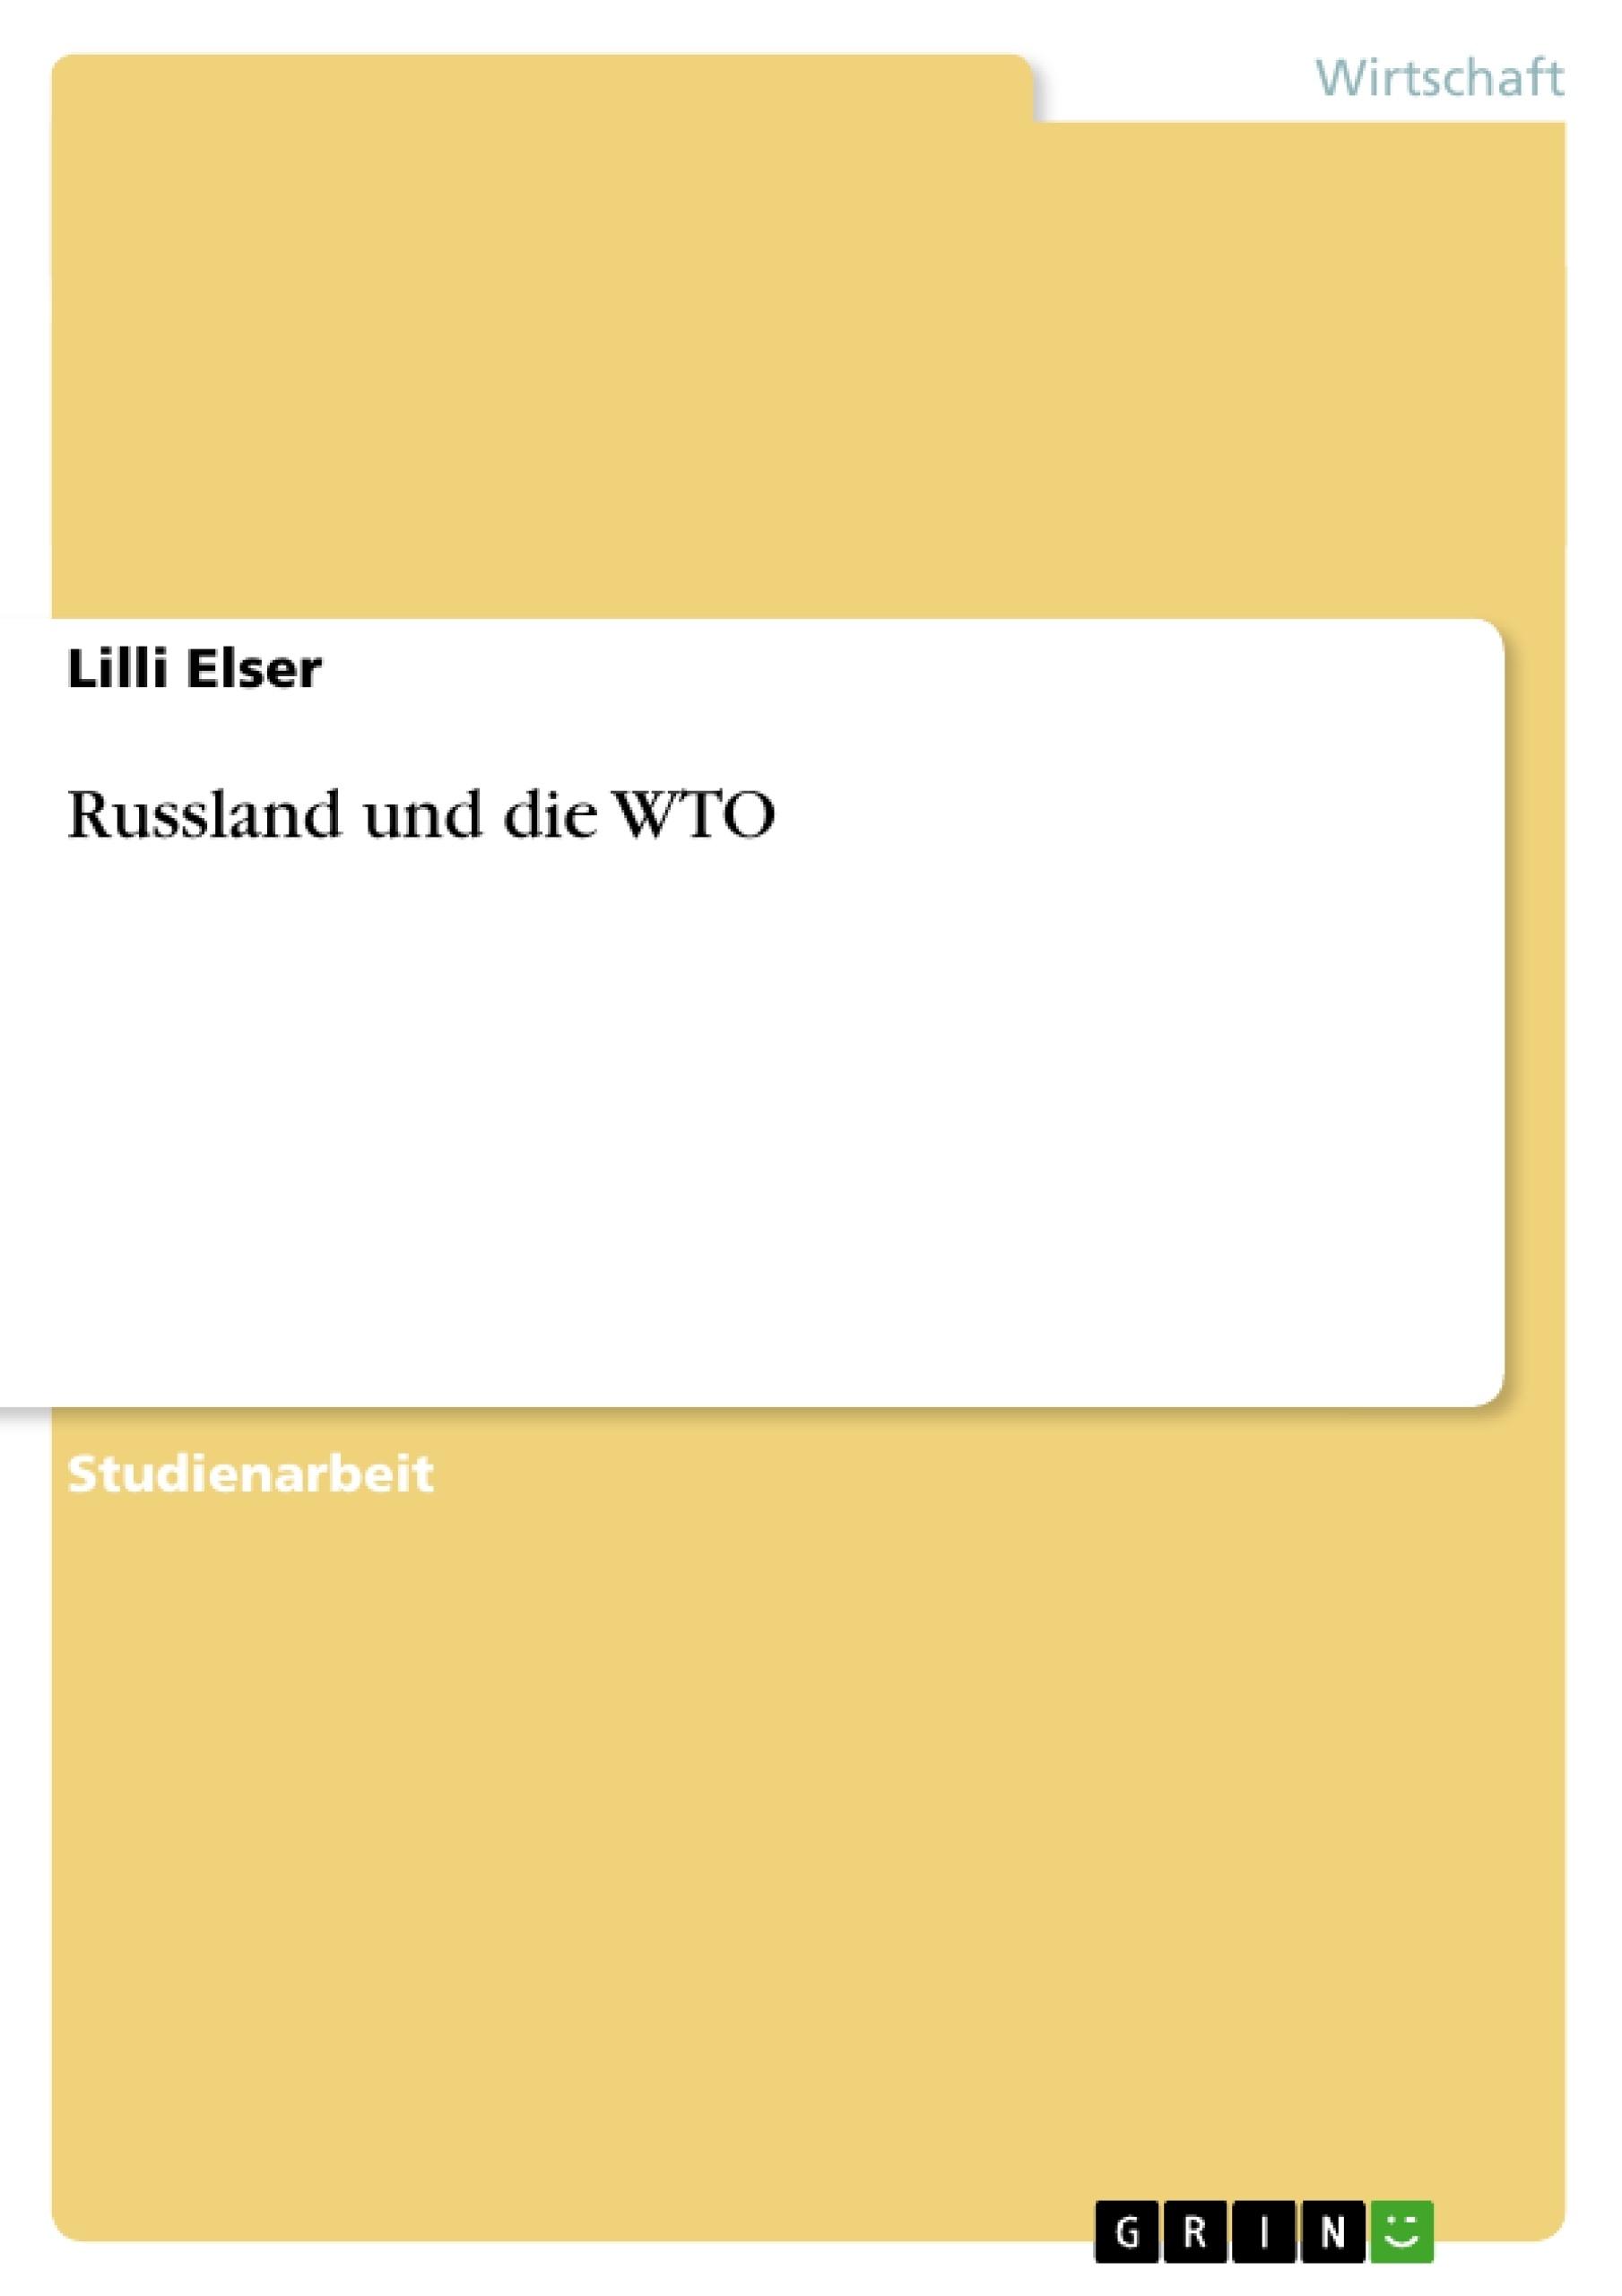 Titel: Russland und die WTO